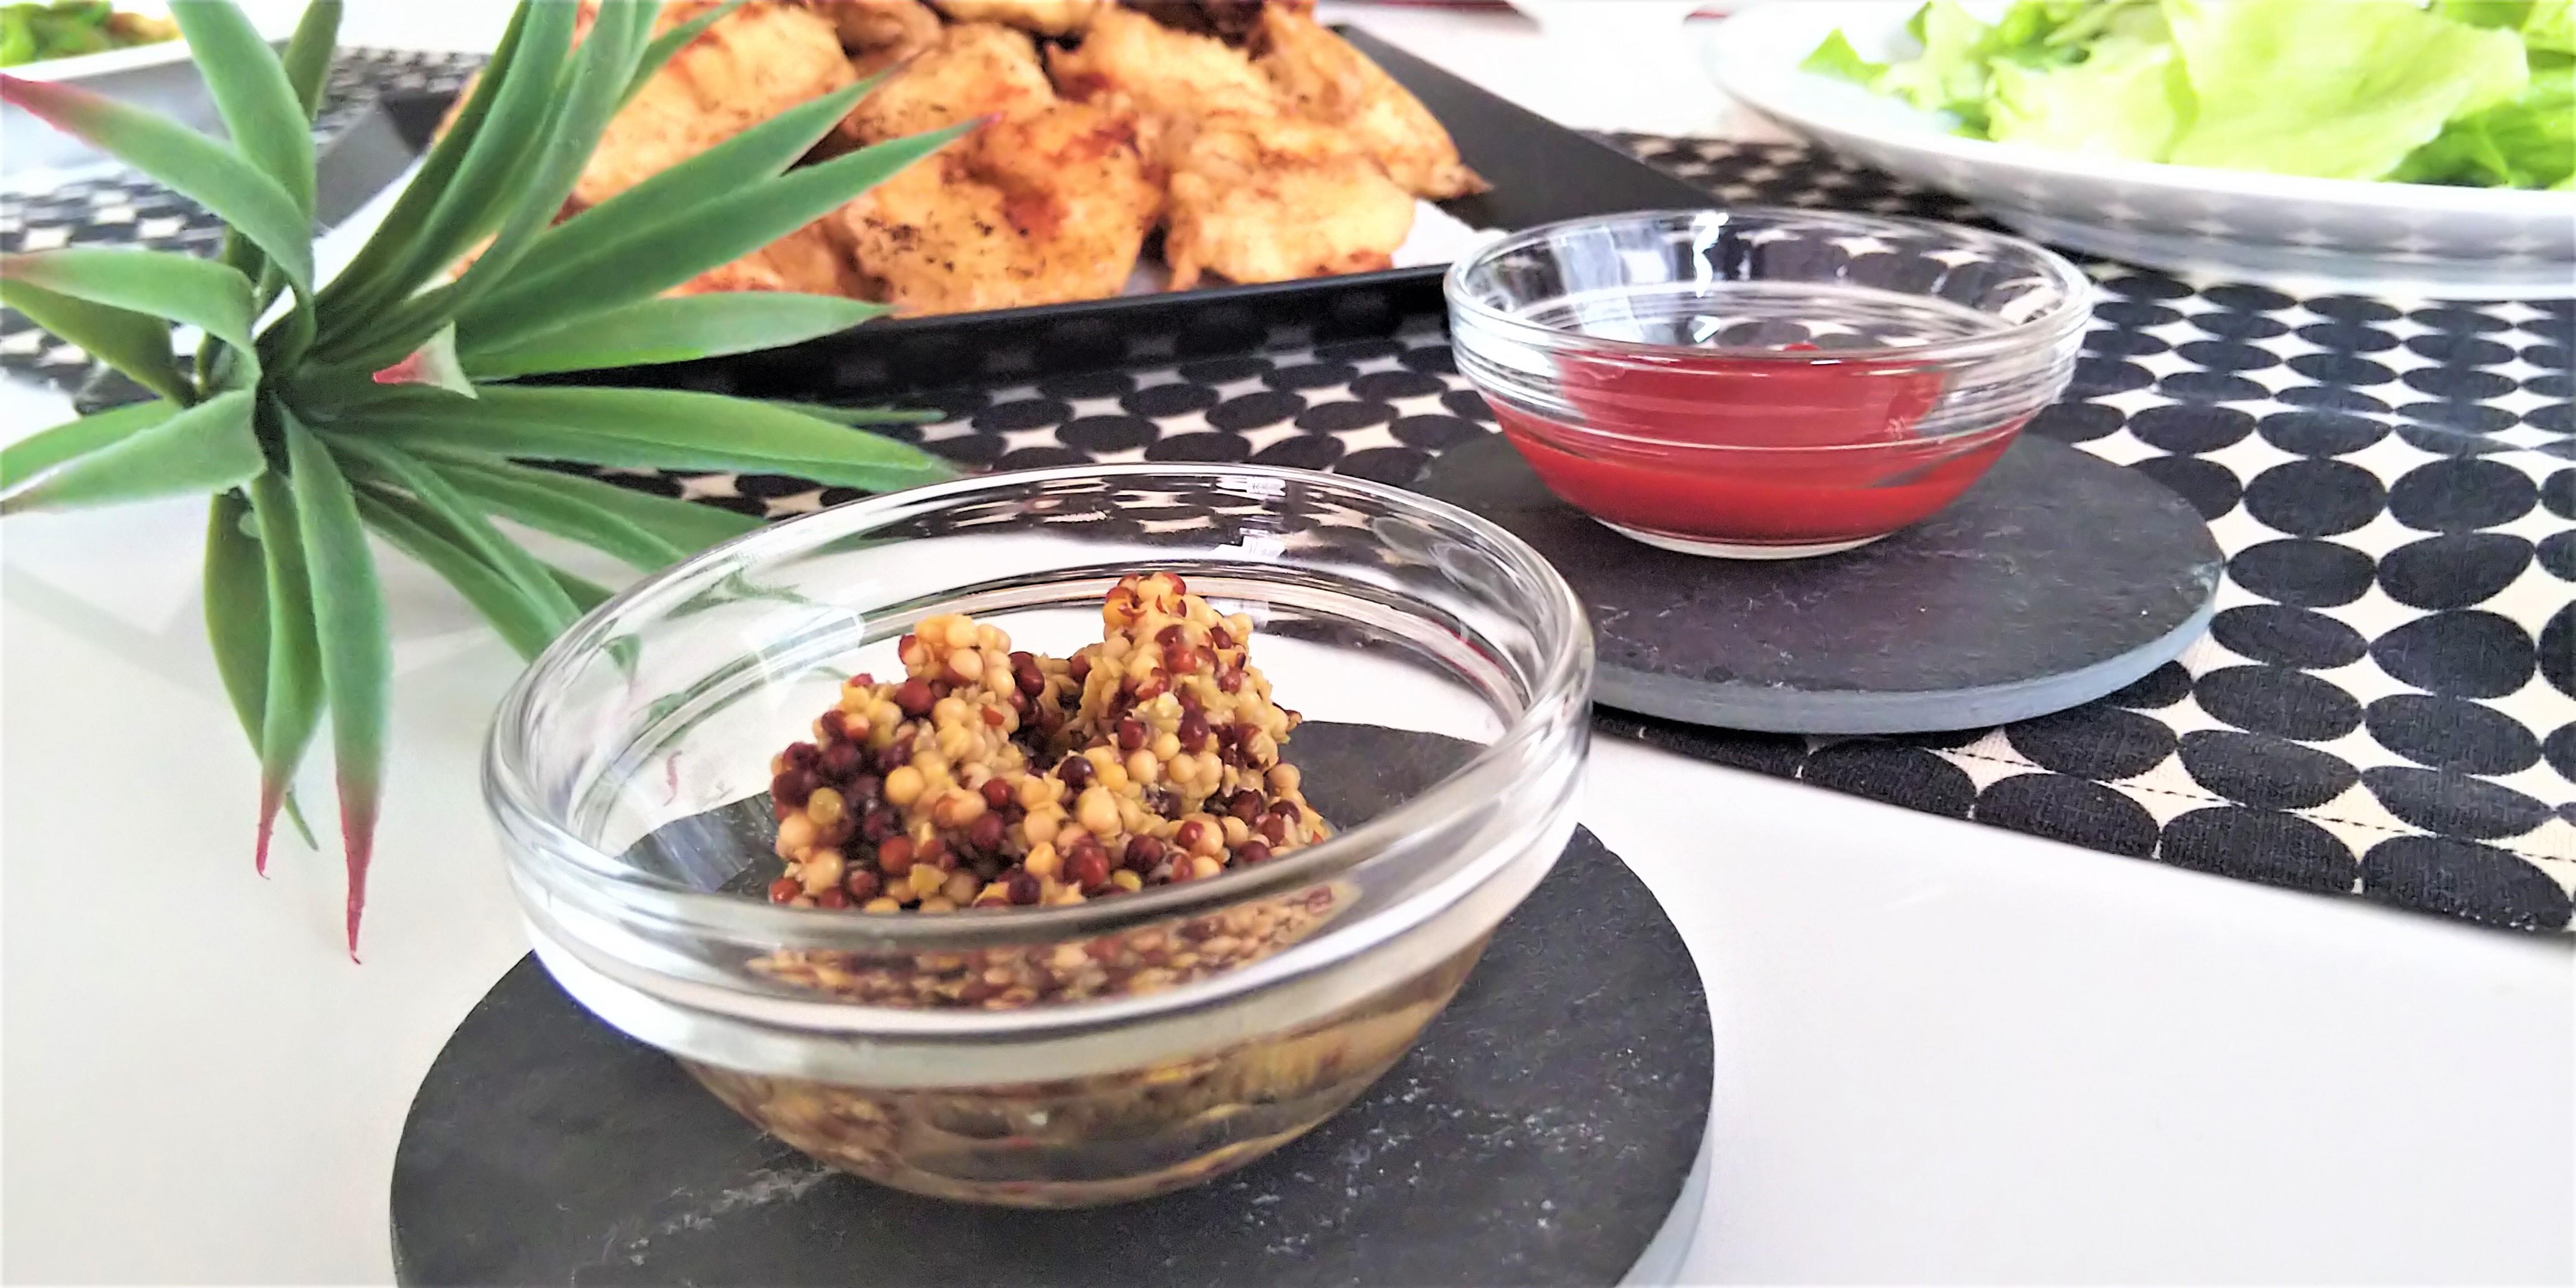 9月はイベントLesson開催いたします。自分好みの調味料作り。